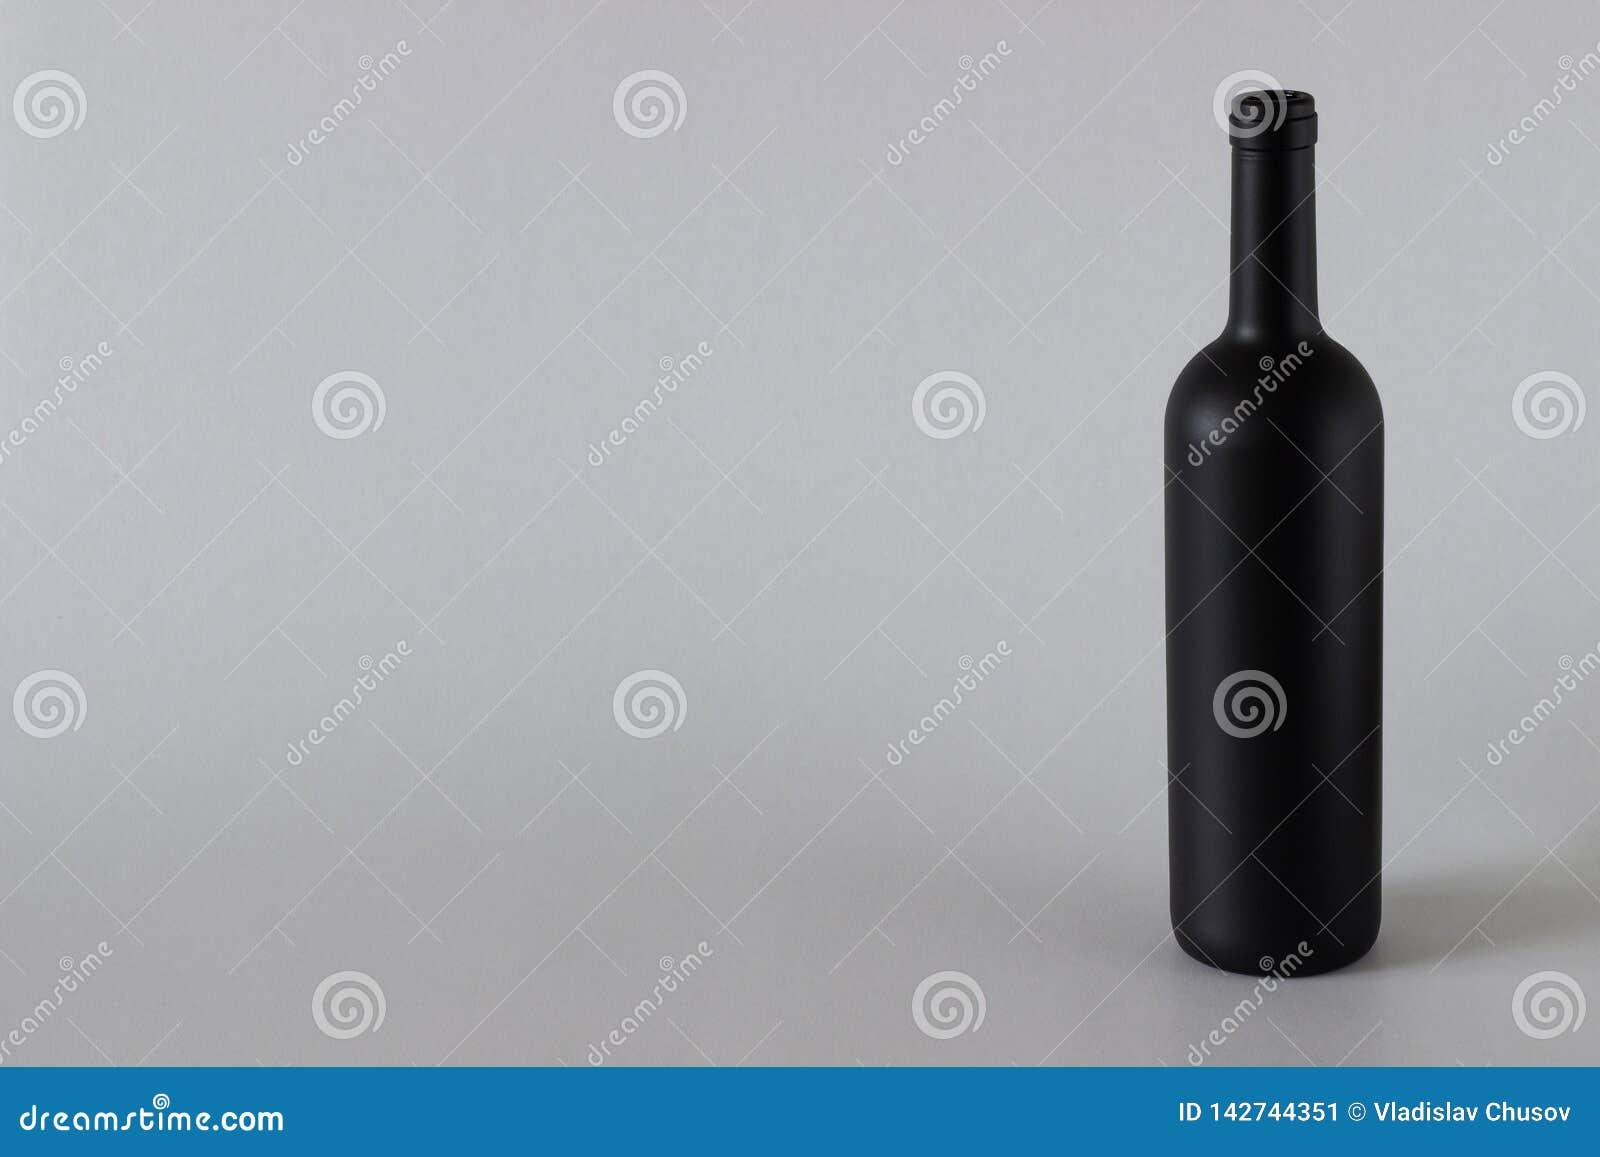 Svart för vinflaska på en vit bakgrund